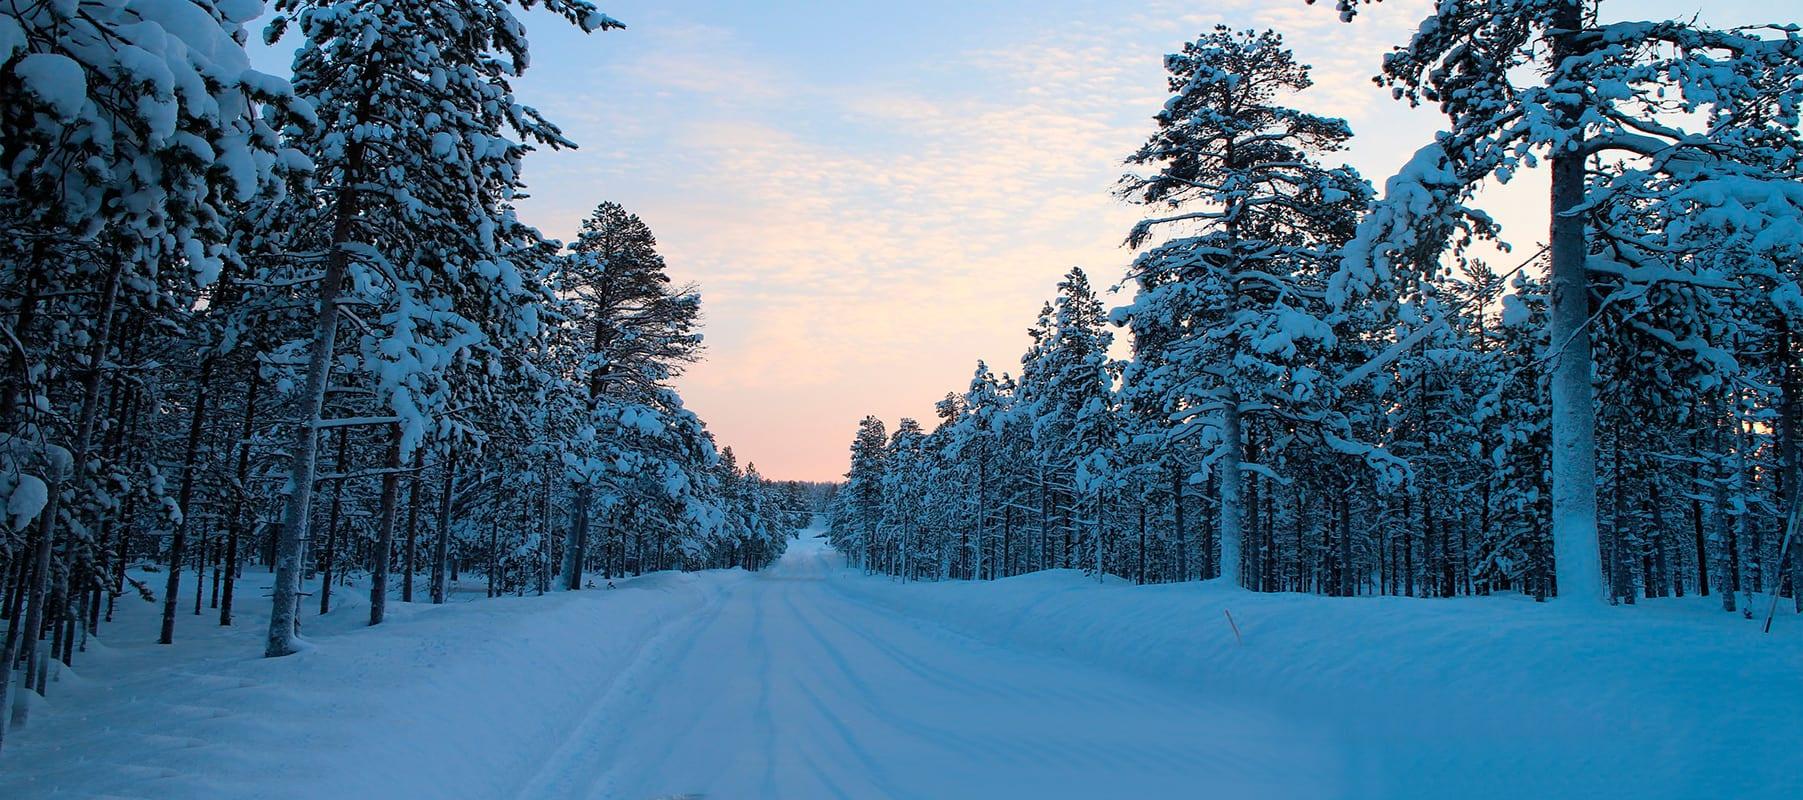 Pacotes de Viagem para Finlândia